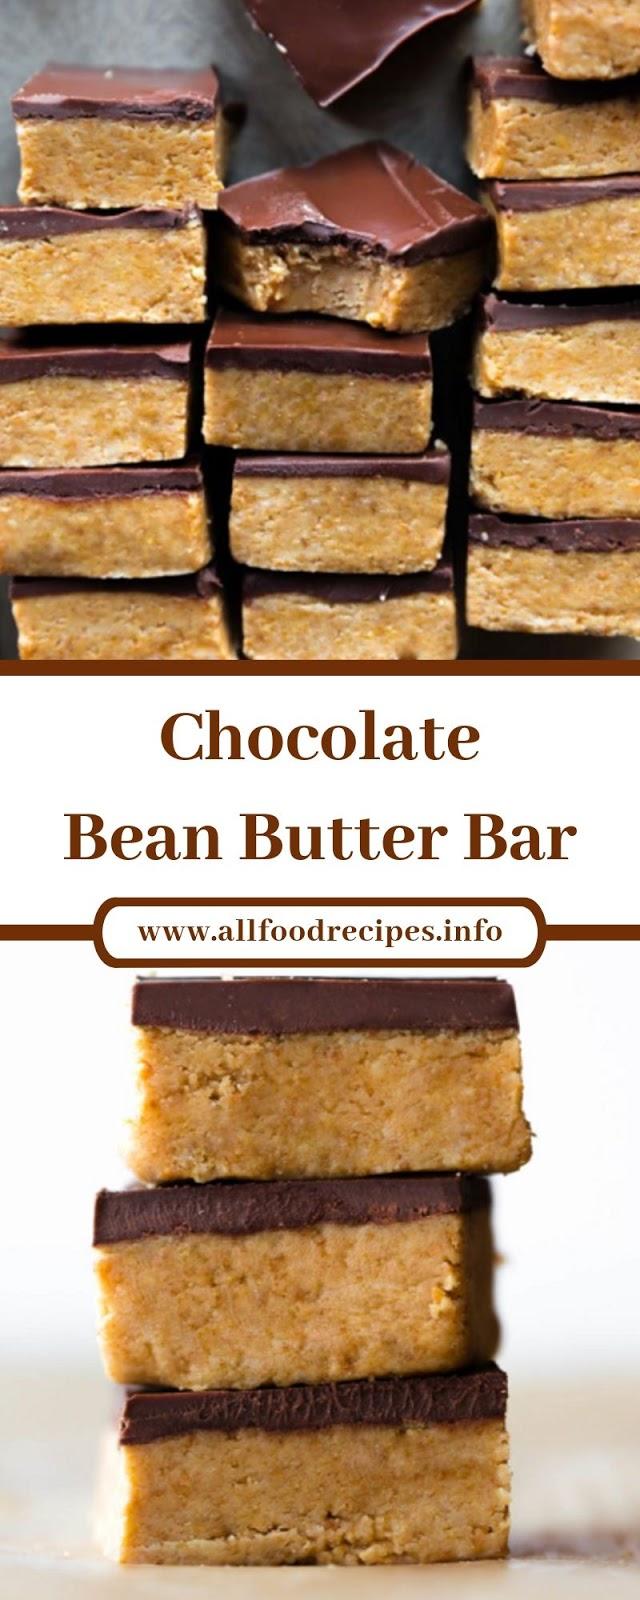 Chocolate Bean Butter Bar